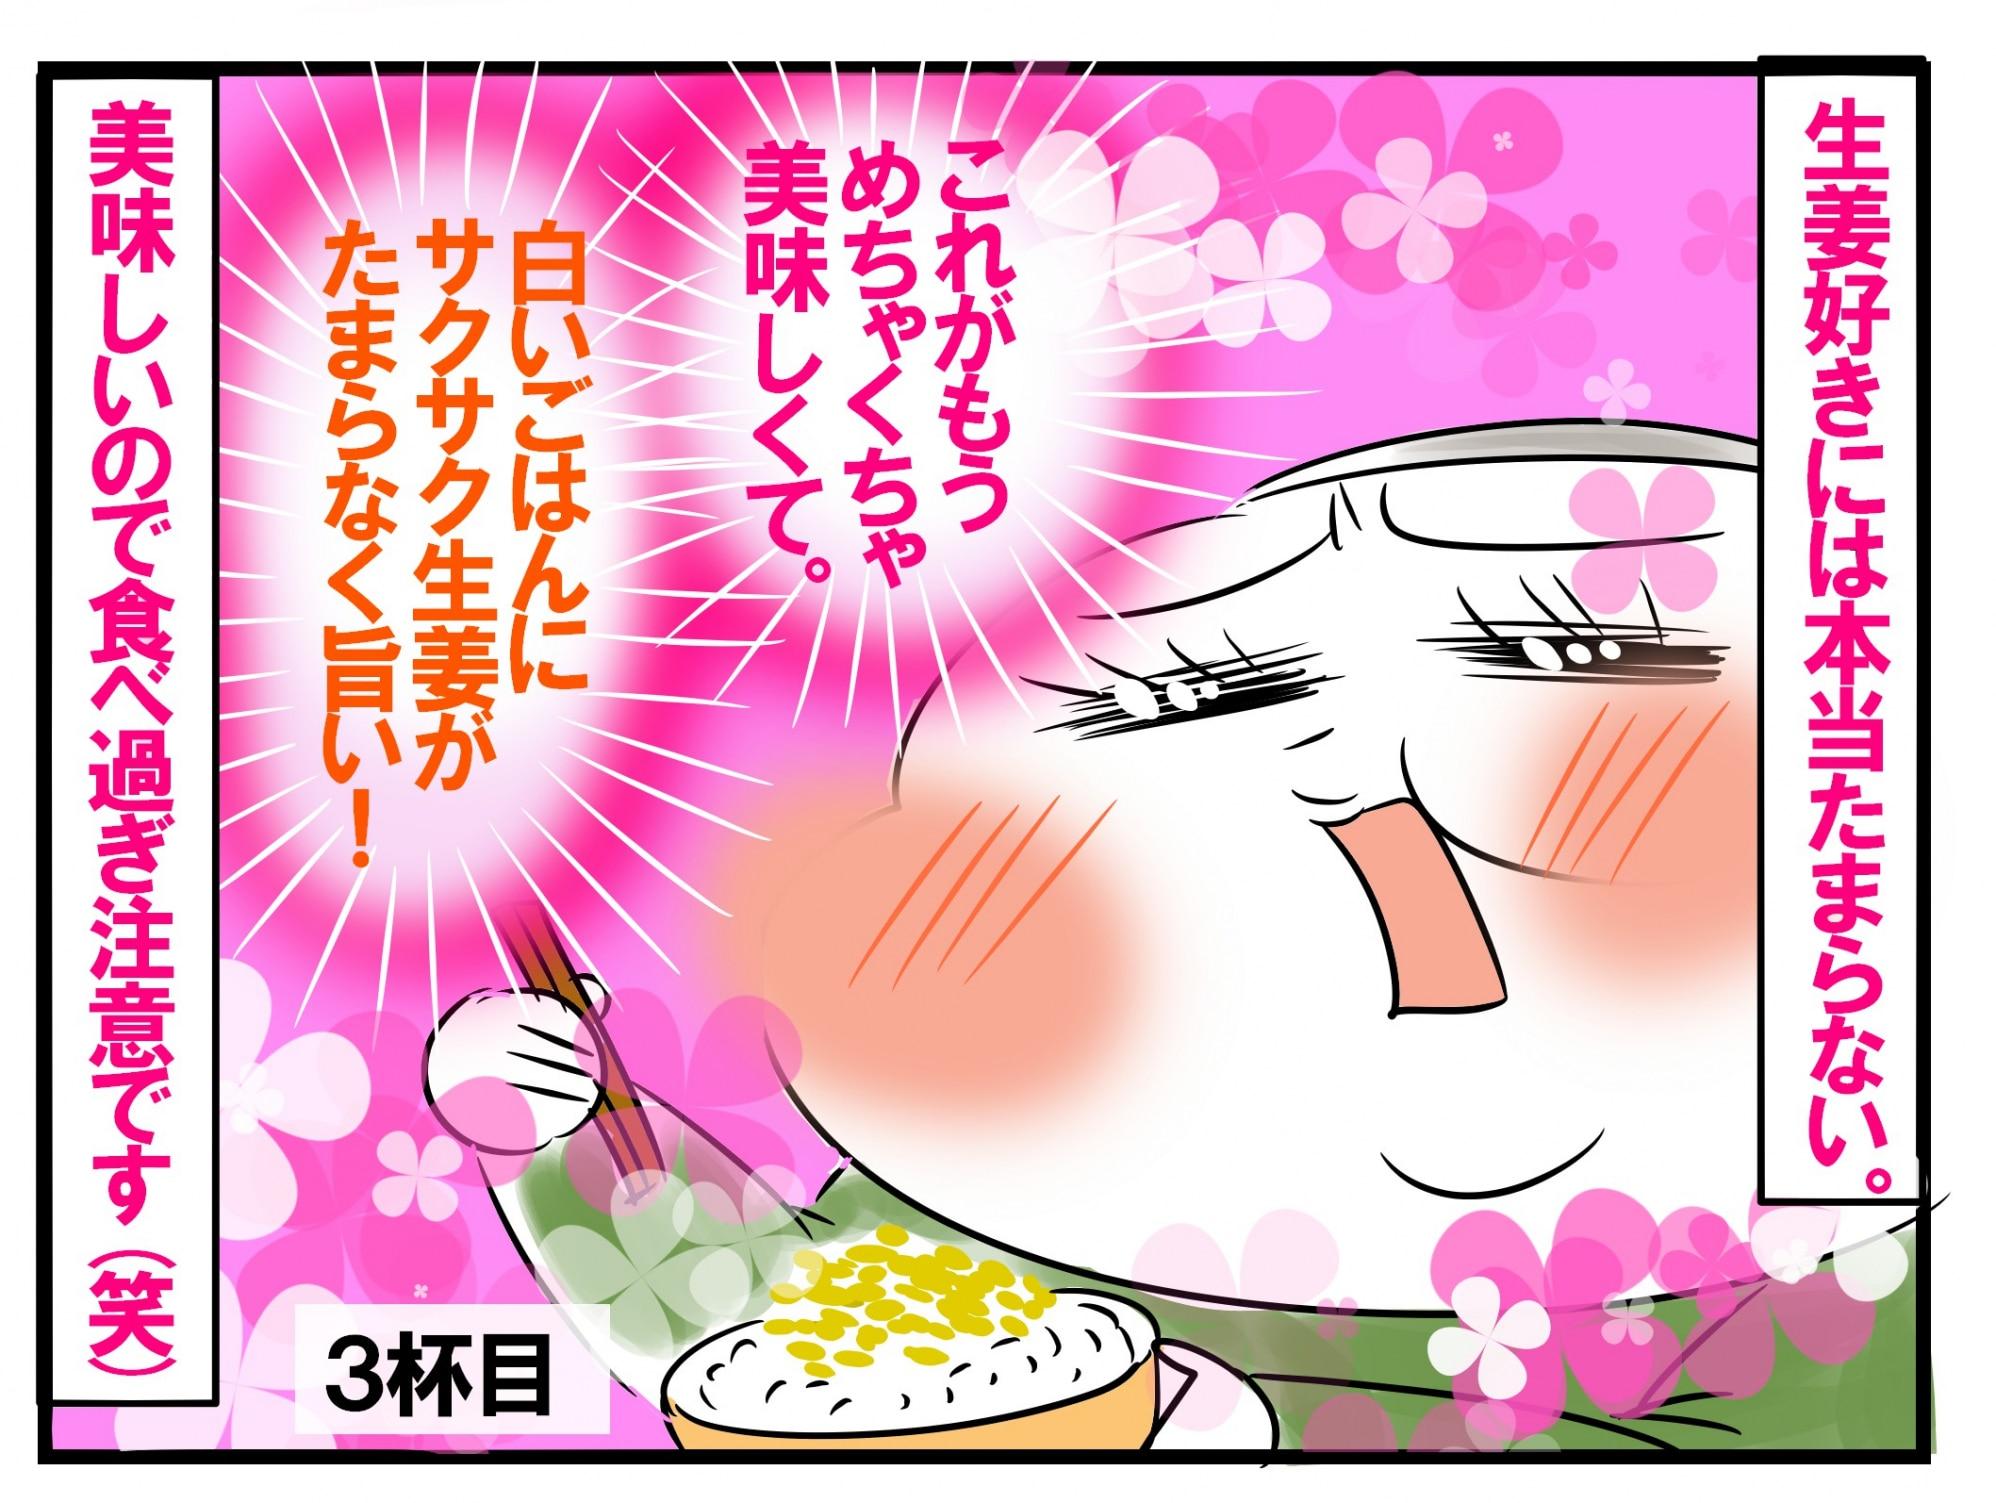 すぎ 生姜 食べ